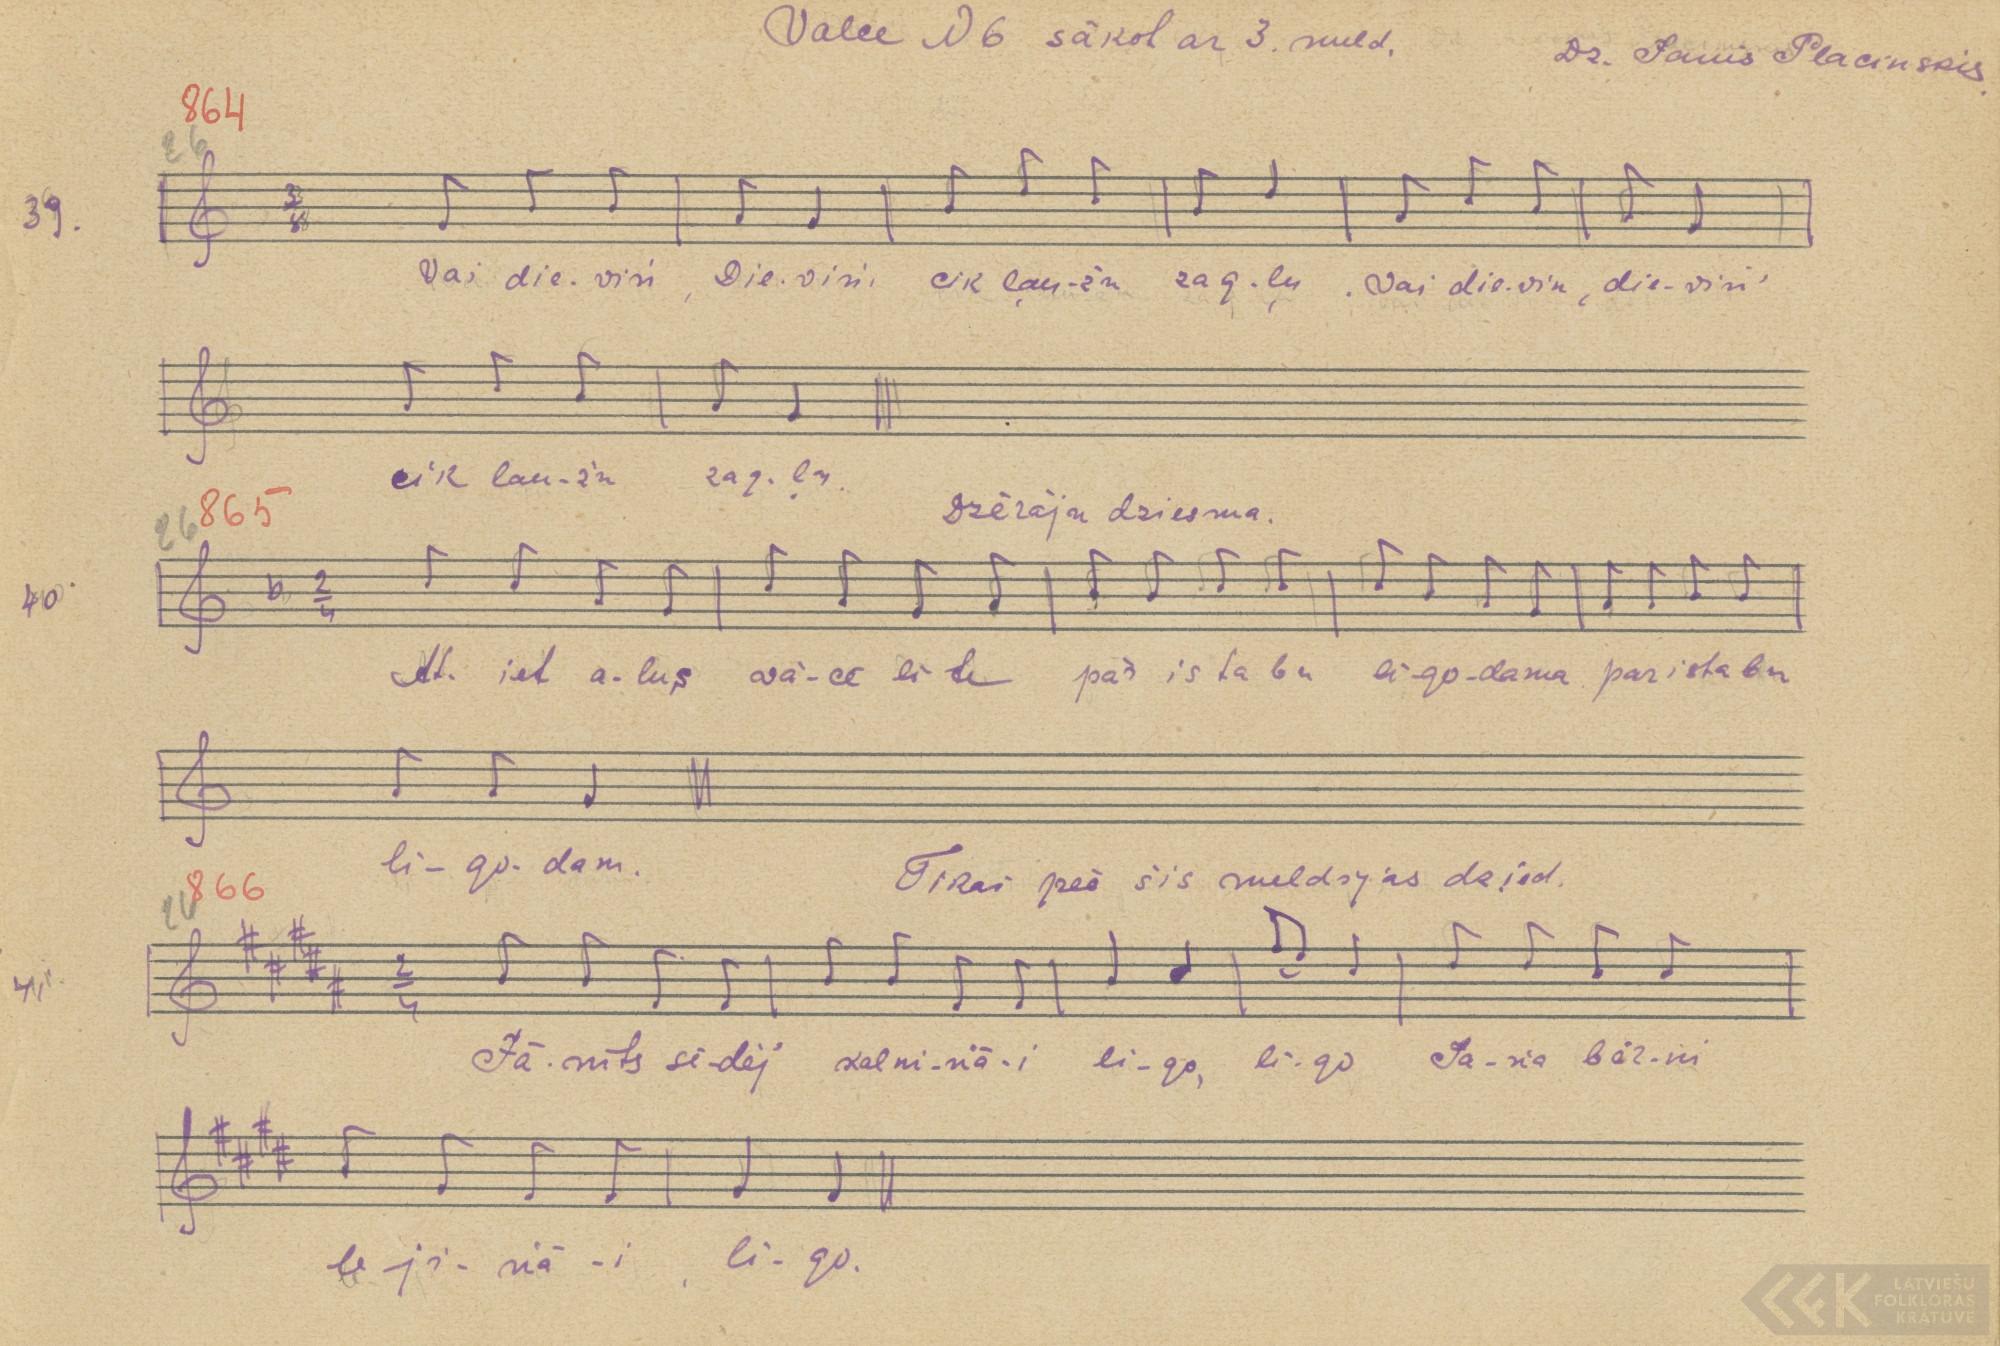 Atīt olus vuoceleite (1928)